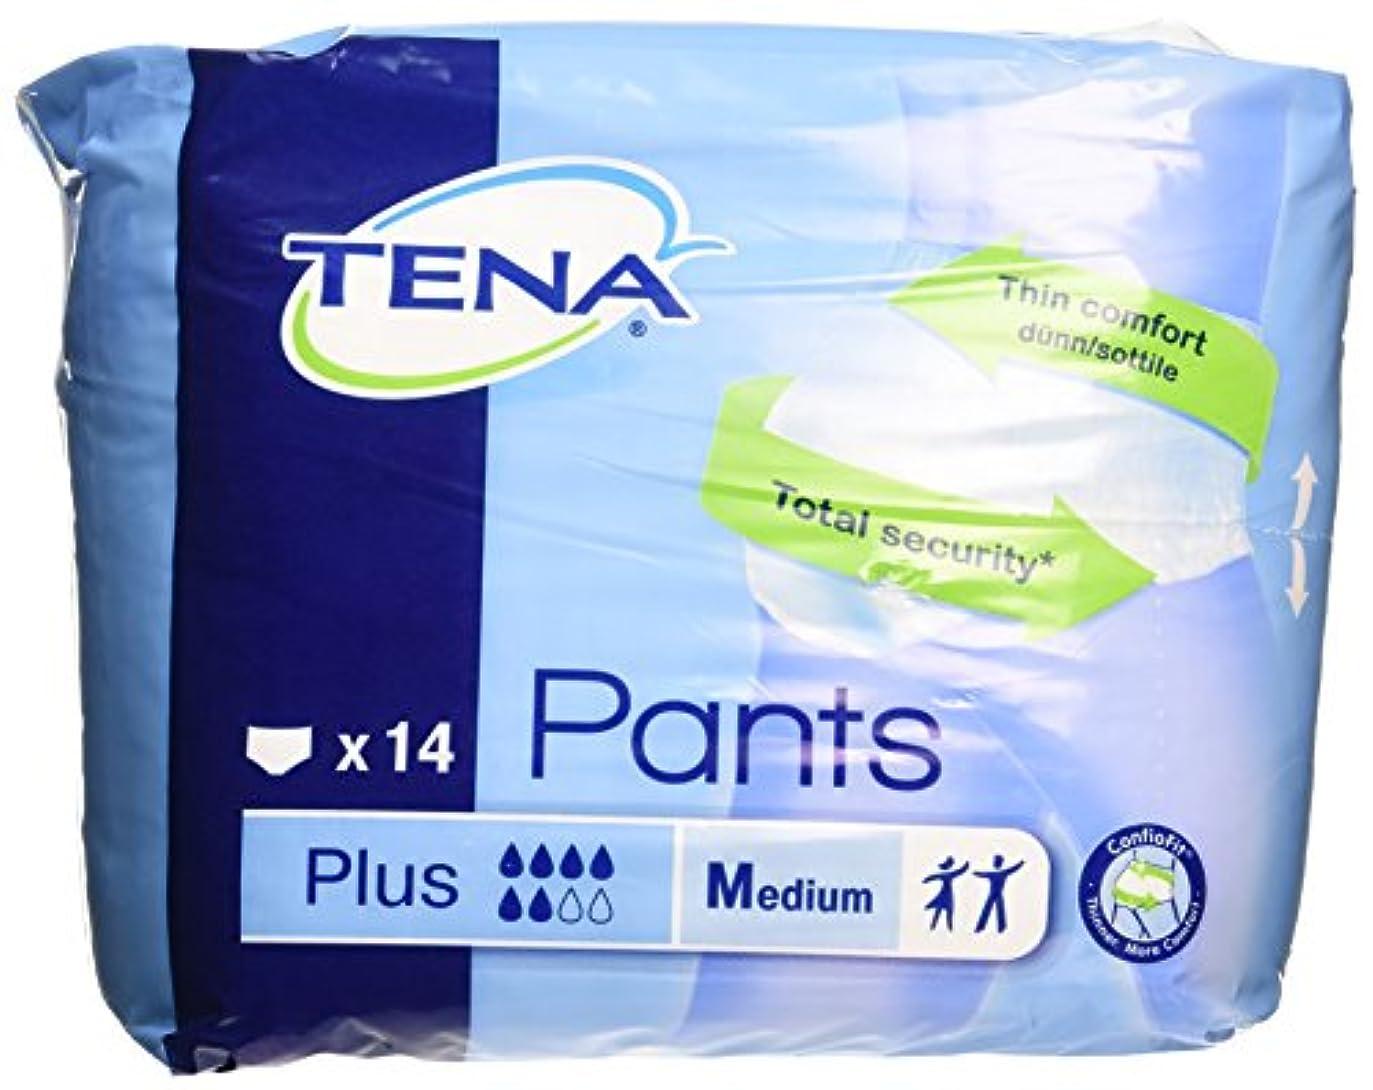 優雅な鼓舞する拒絶TENA パンツ プラス M 792514 14枚